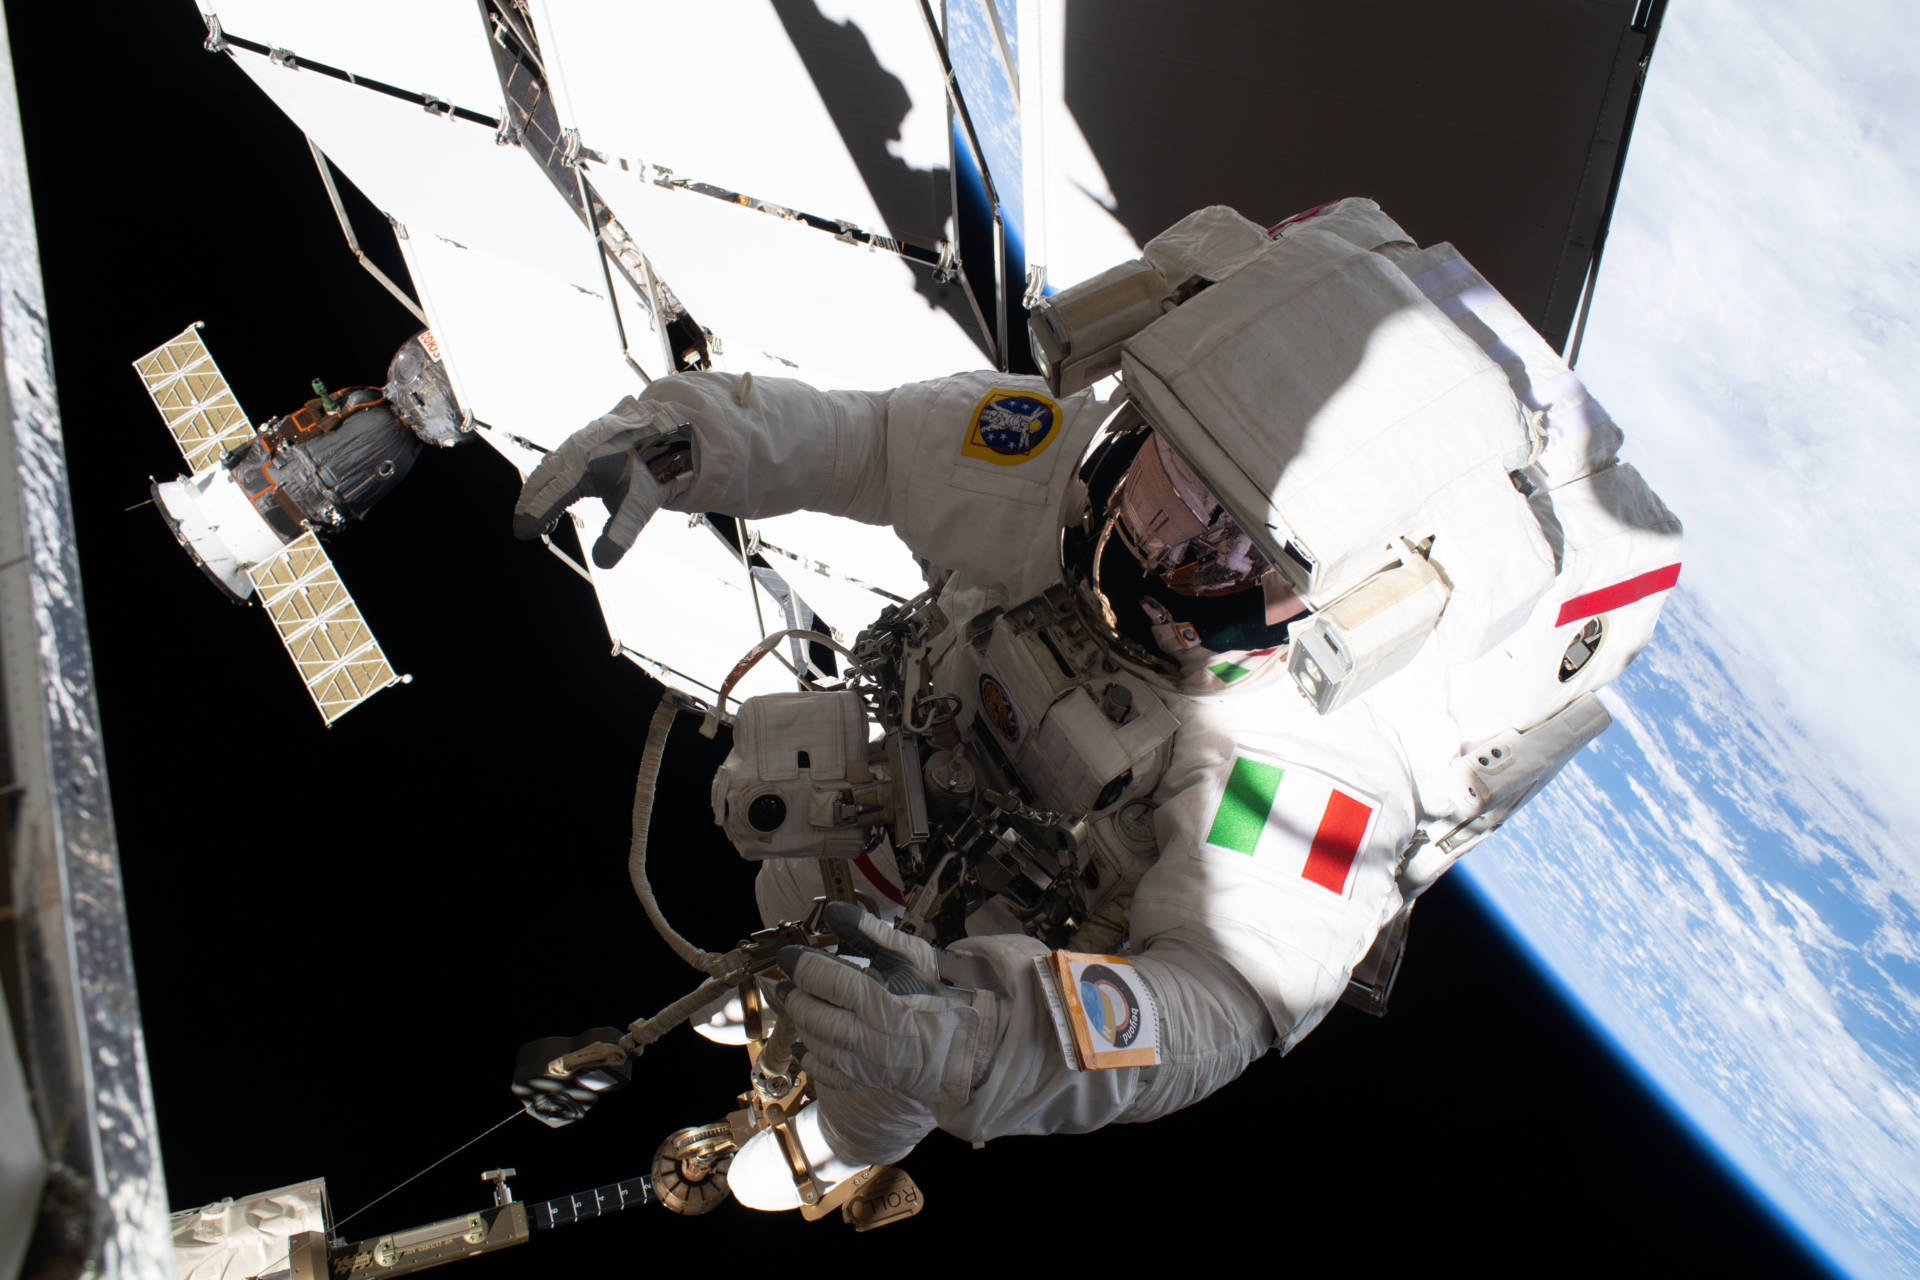 Luca Parmitano, la passeggiata spaziale in live streaming